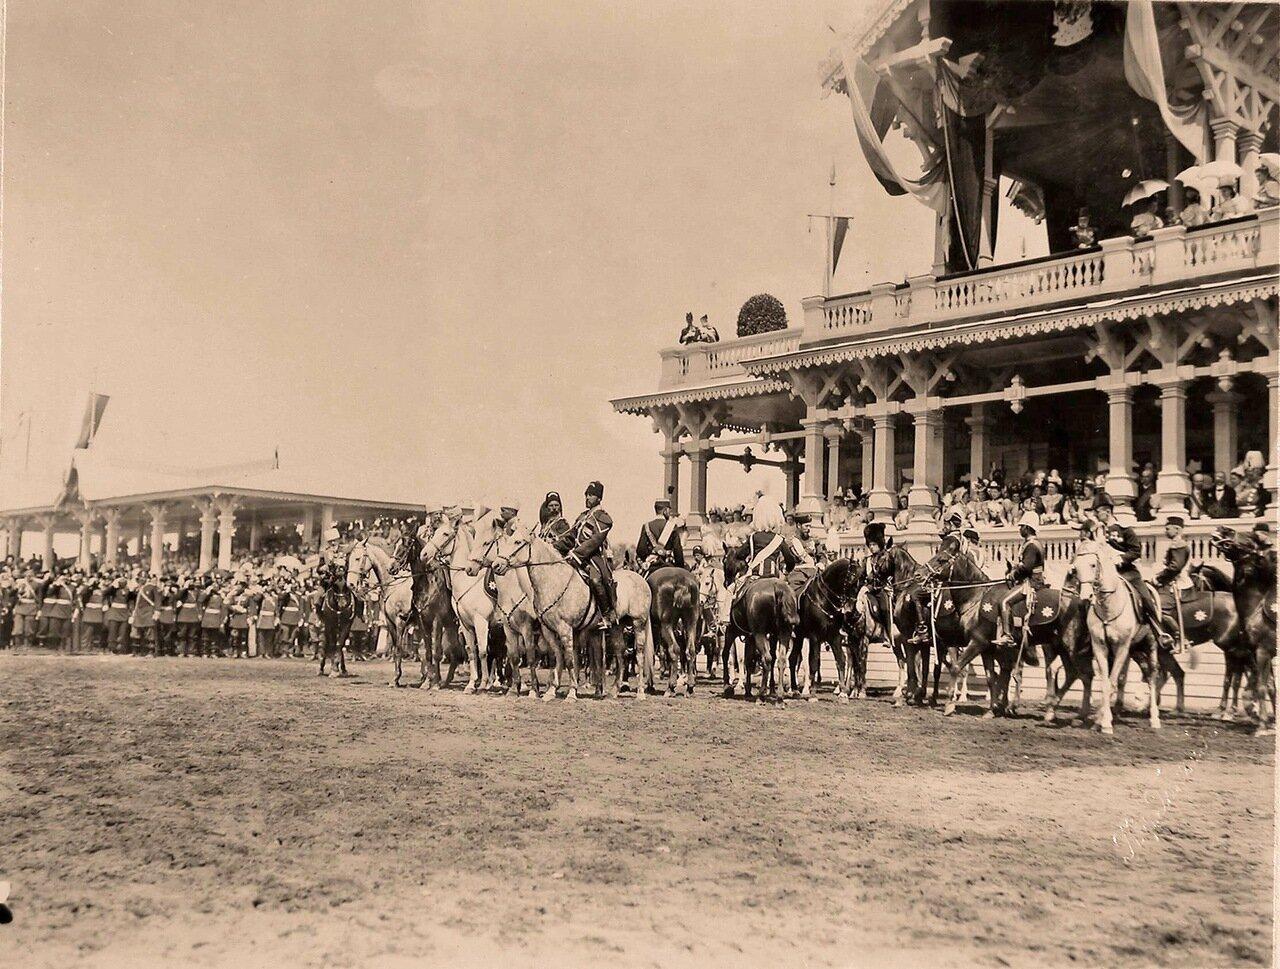 Представители иностранных делегаций, приглашённых на торжества коронации, у императорского павильона на Ходынском поле перед началом парада в дни празднования коронационных торжеств